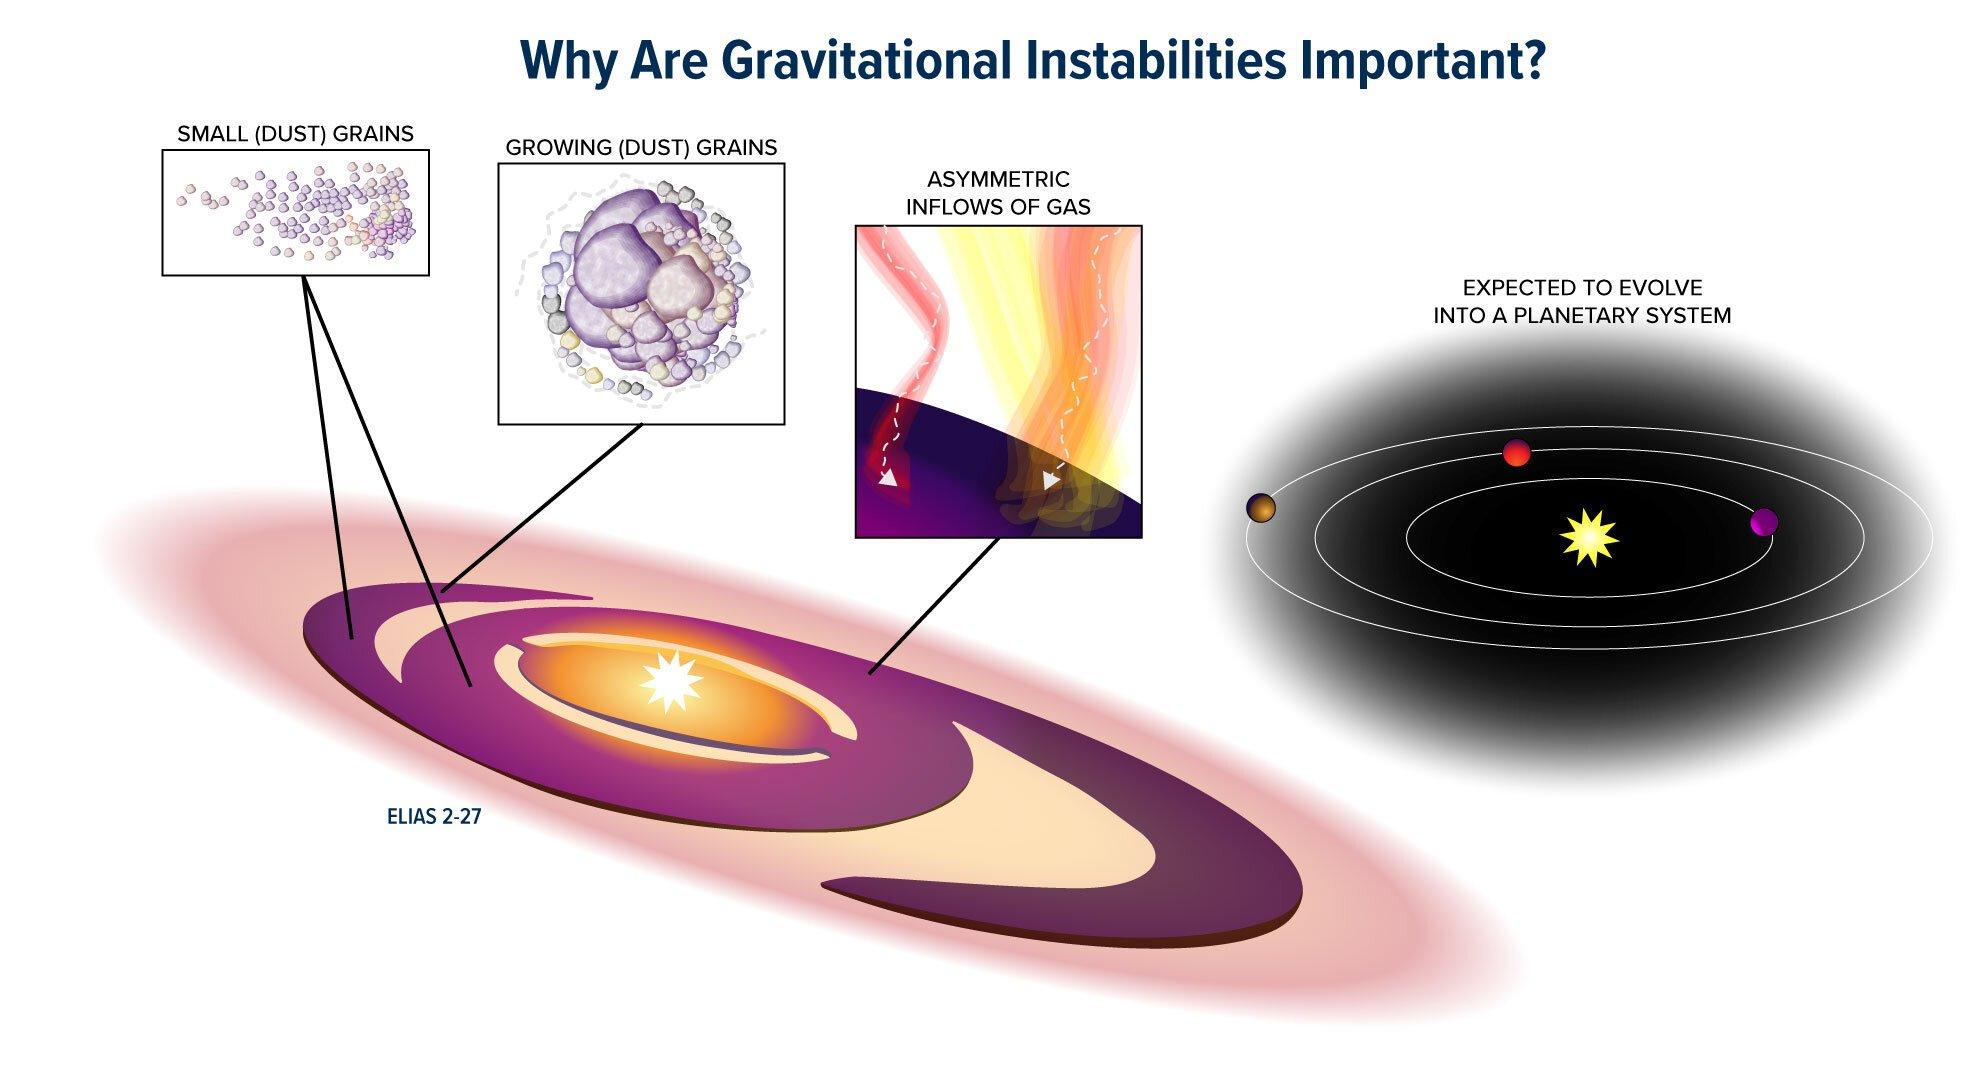 ویژگیهای سیستم ستارهای الیاس 27-2